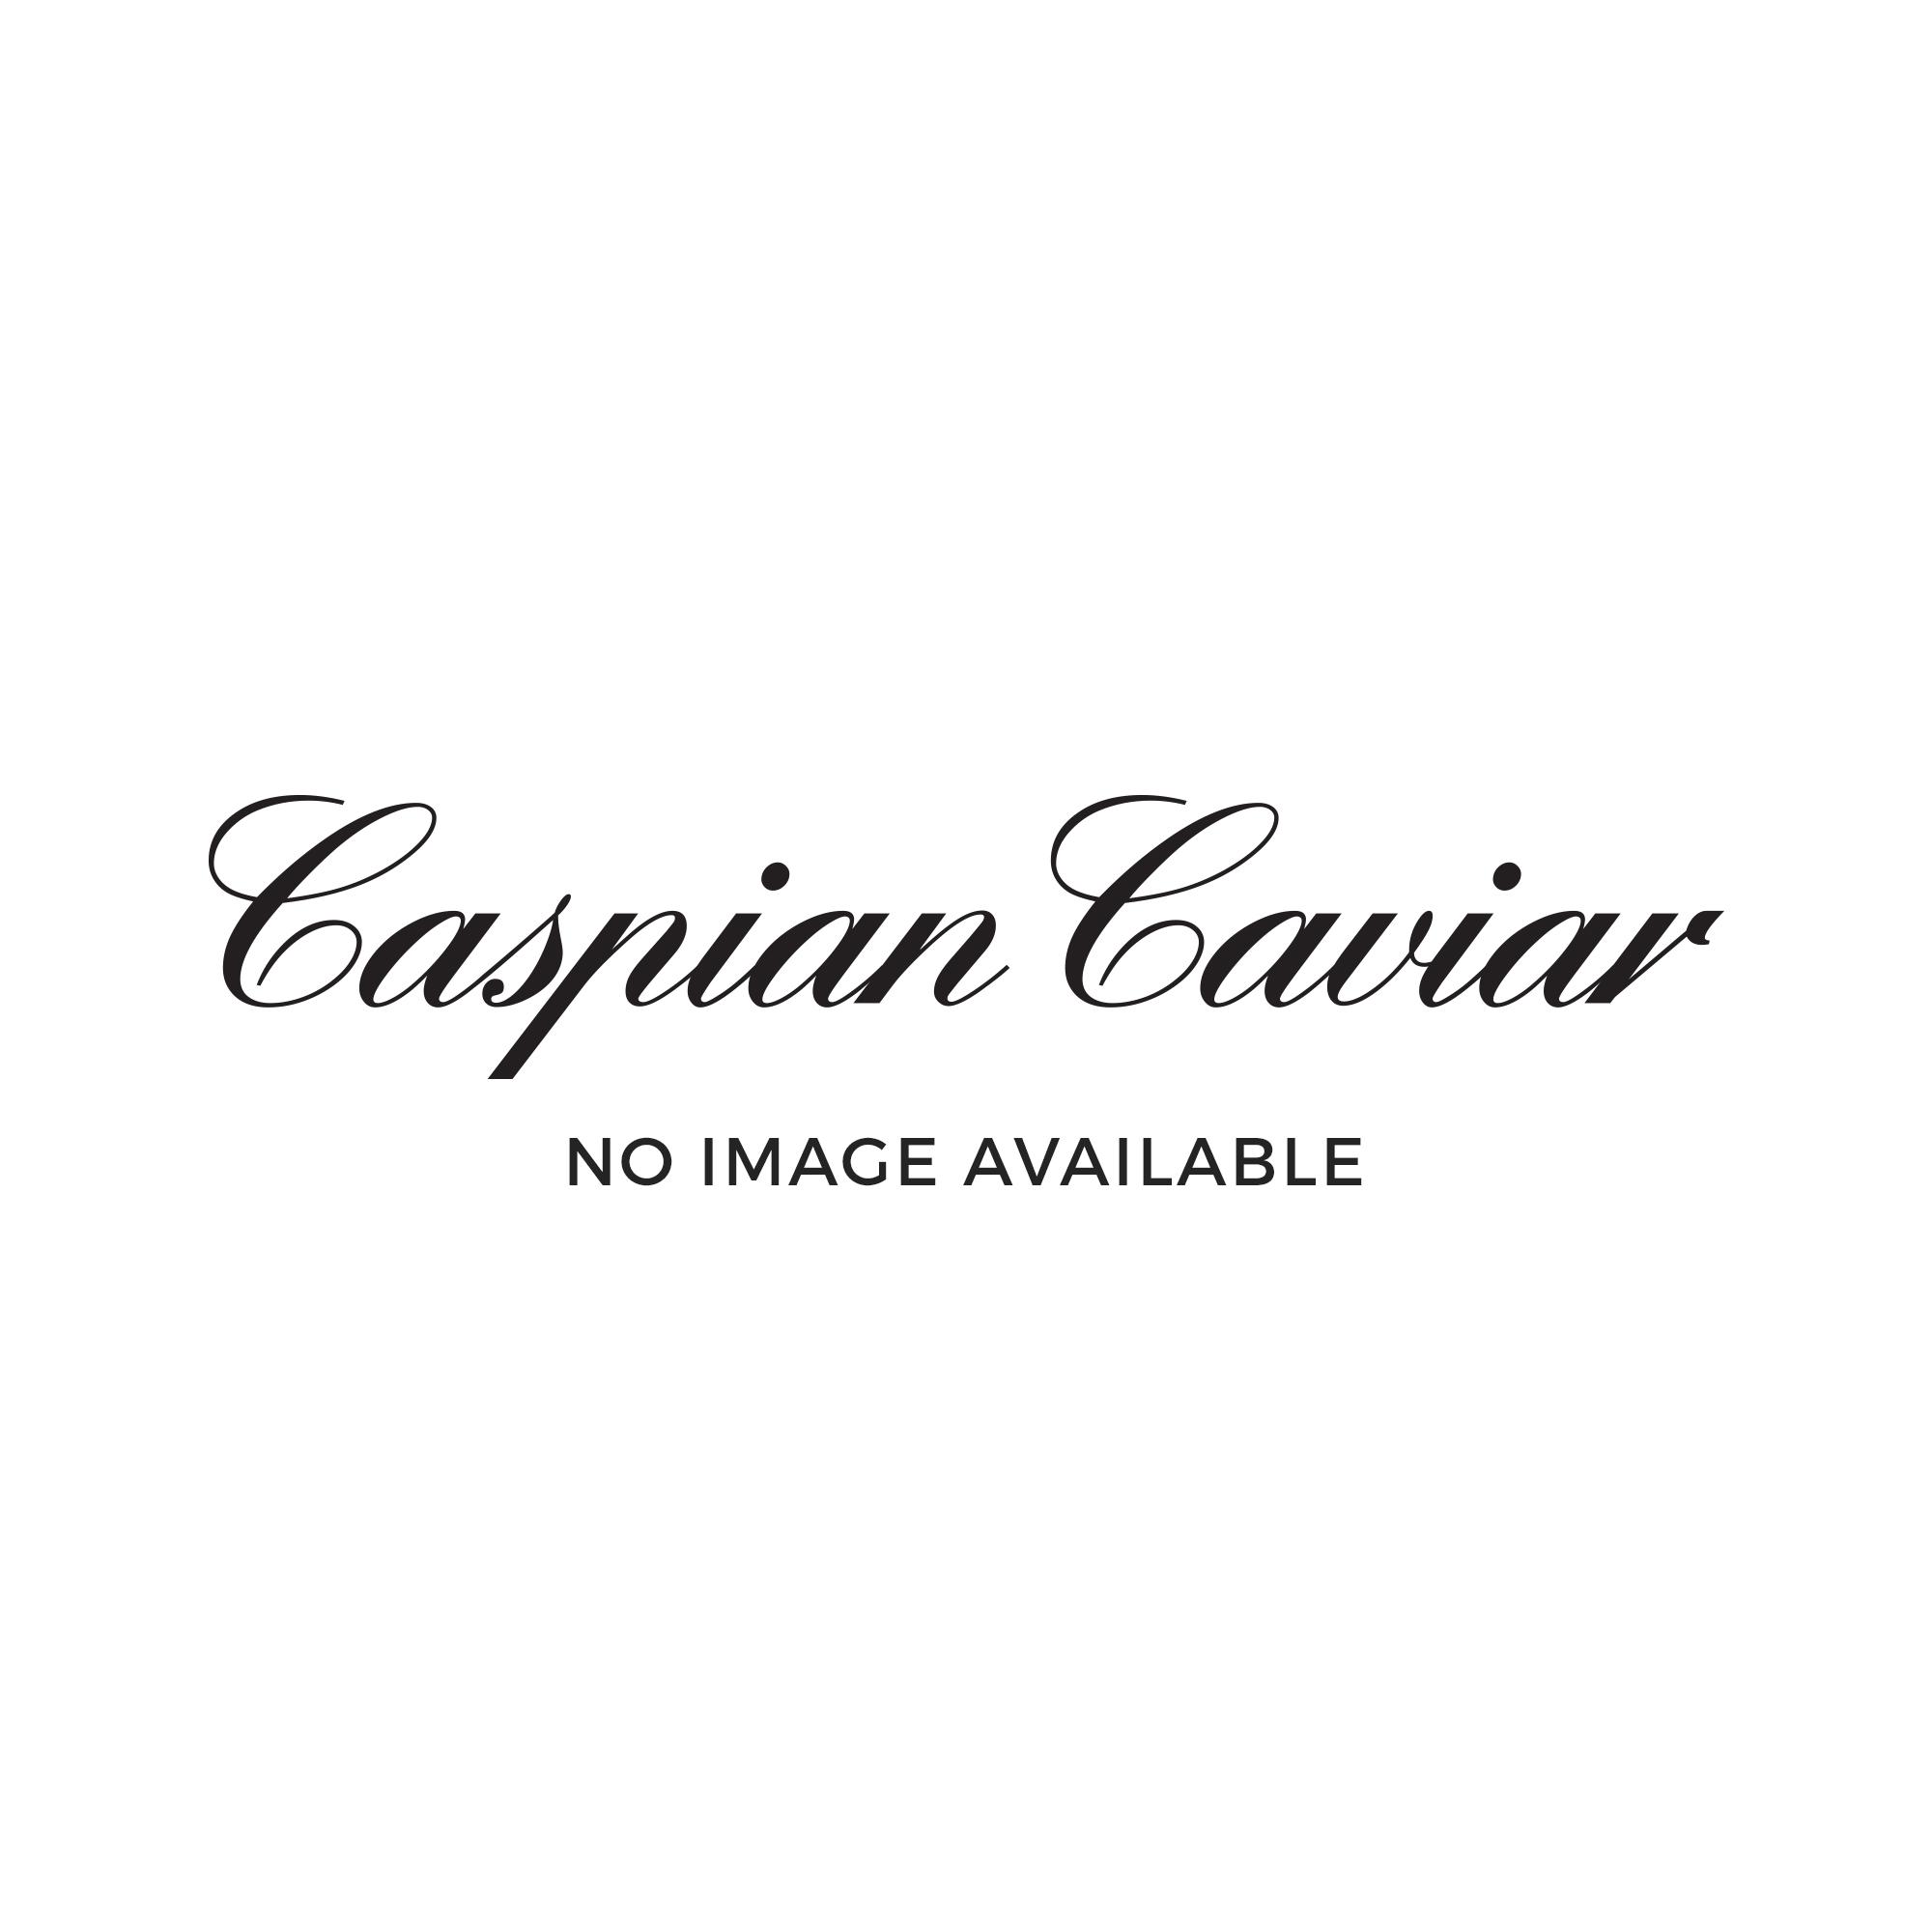 Caspian Caviar Super Hamper with Oscietra